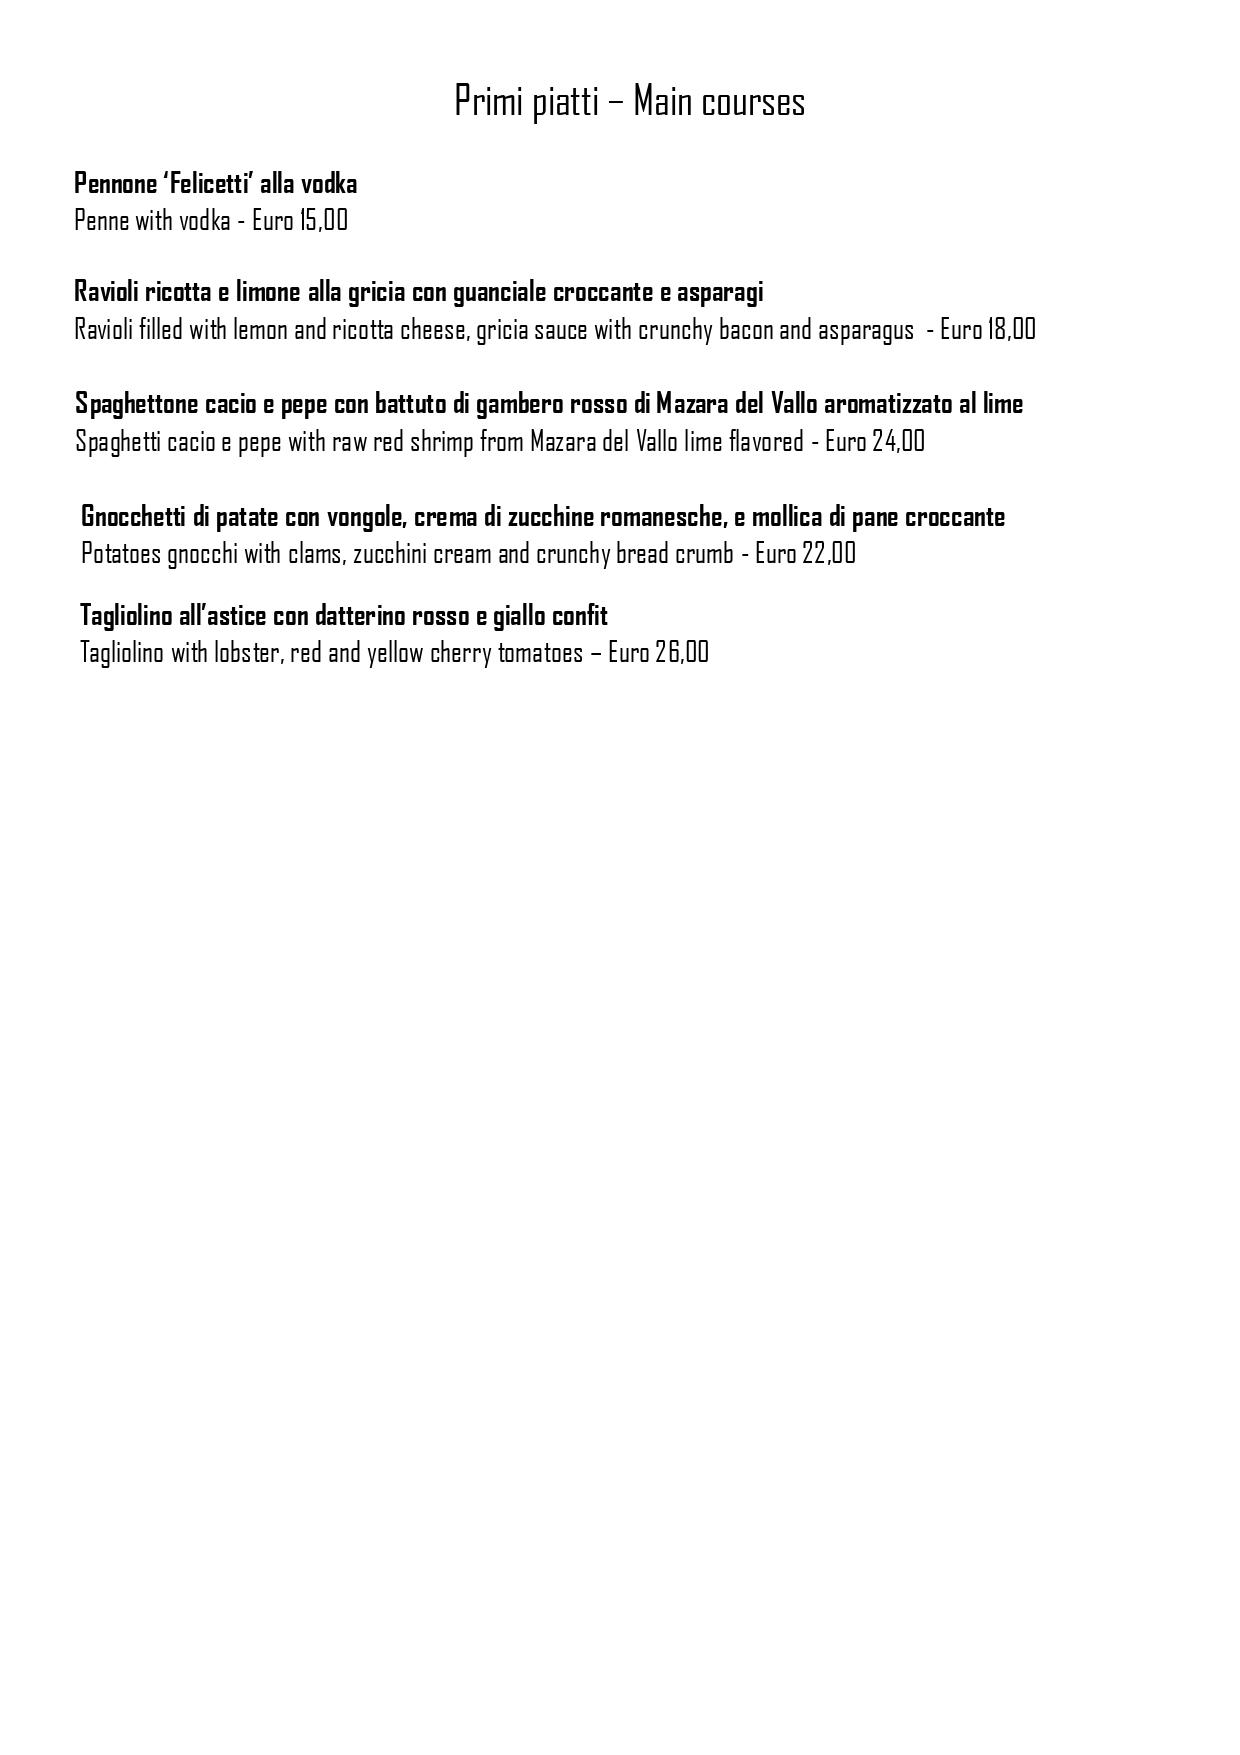 Primi piatti aprile21_page-0001